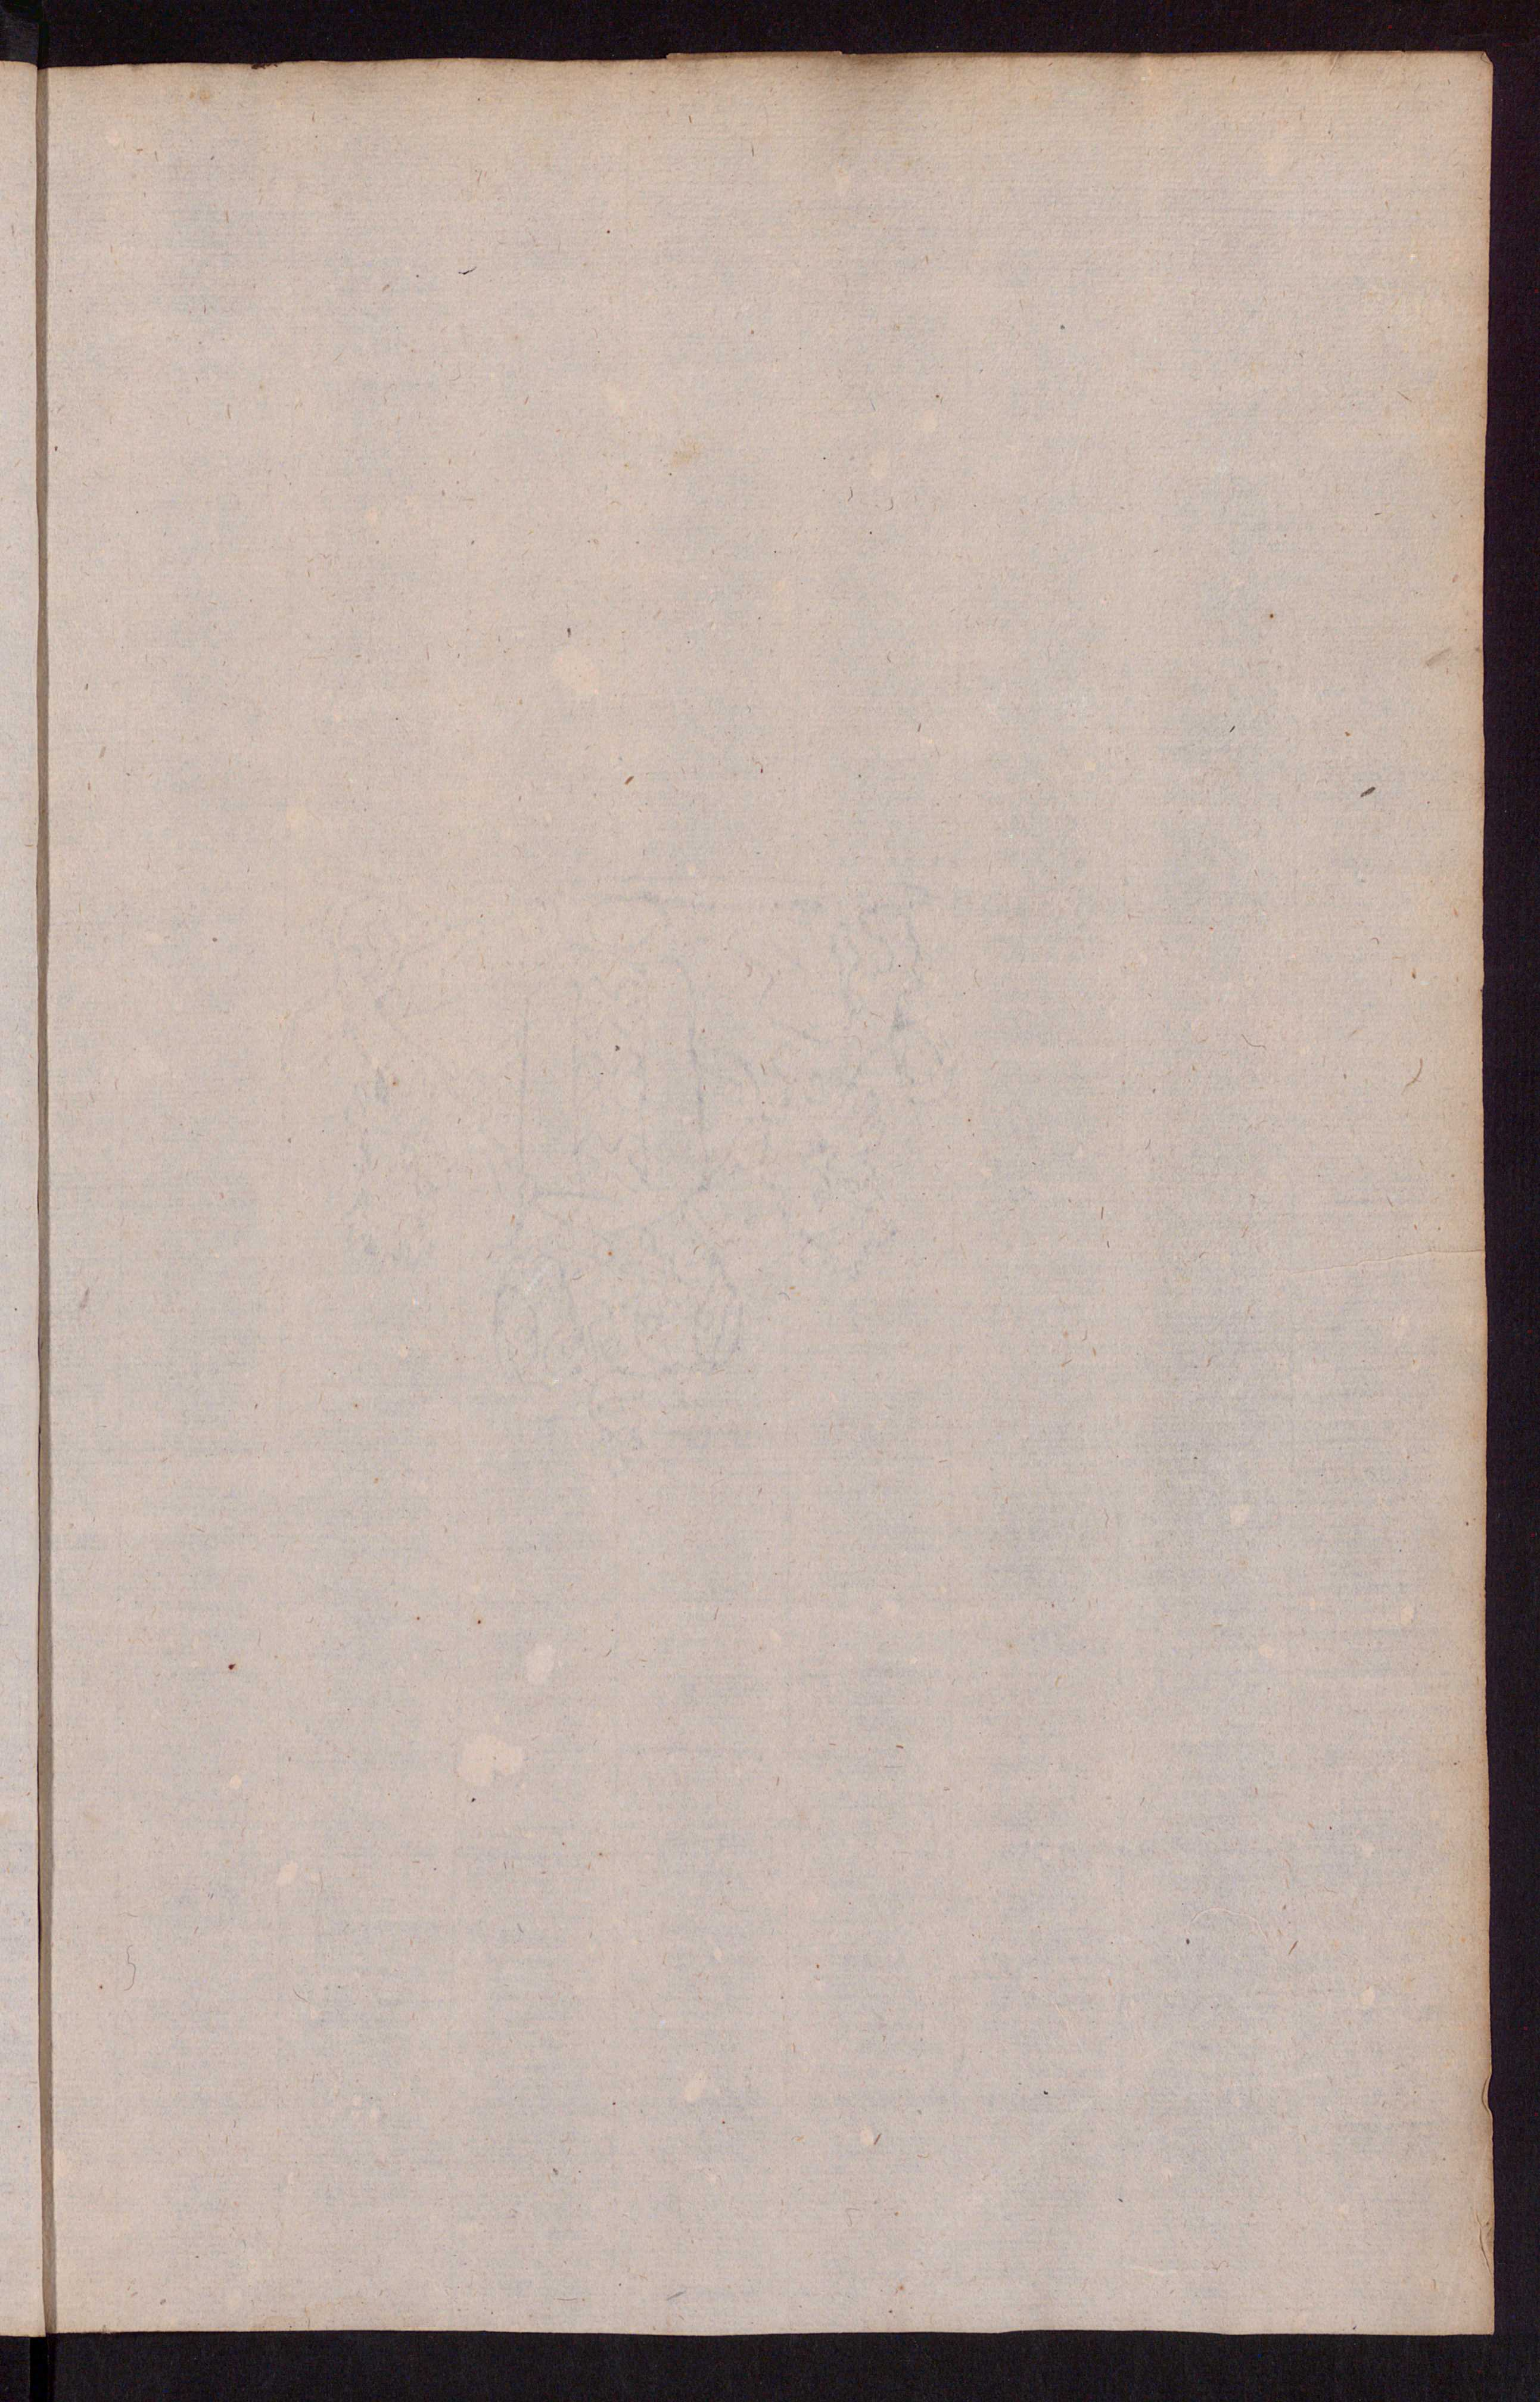 AM 141 fol - 9903r-RF